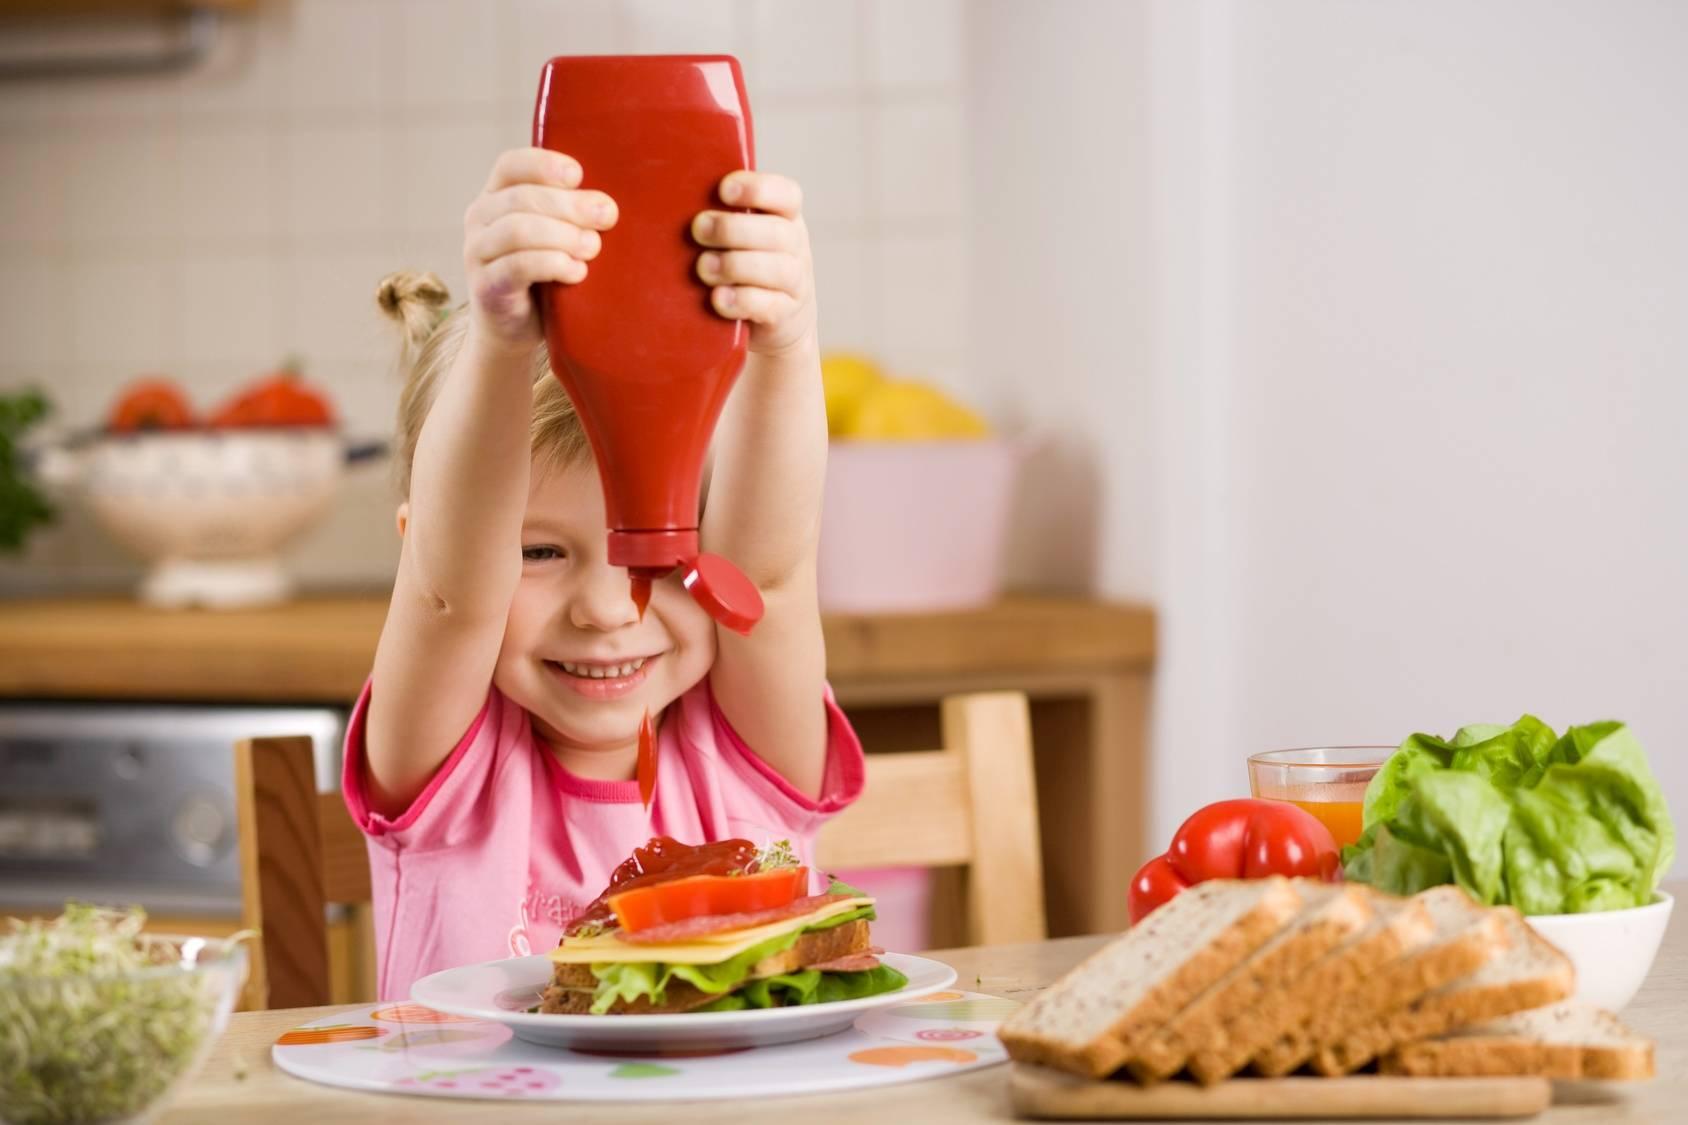 Syrop glukozowo-fruktozowy w ketchupie.